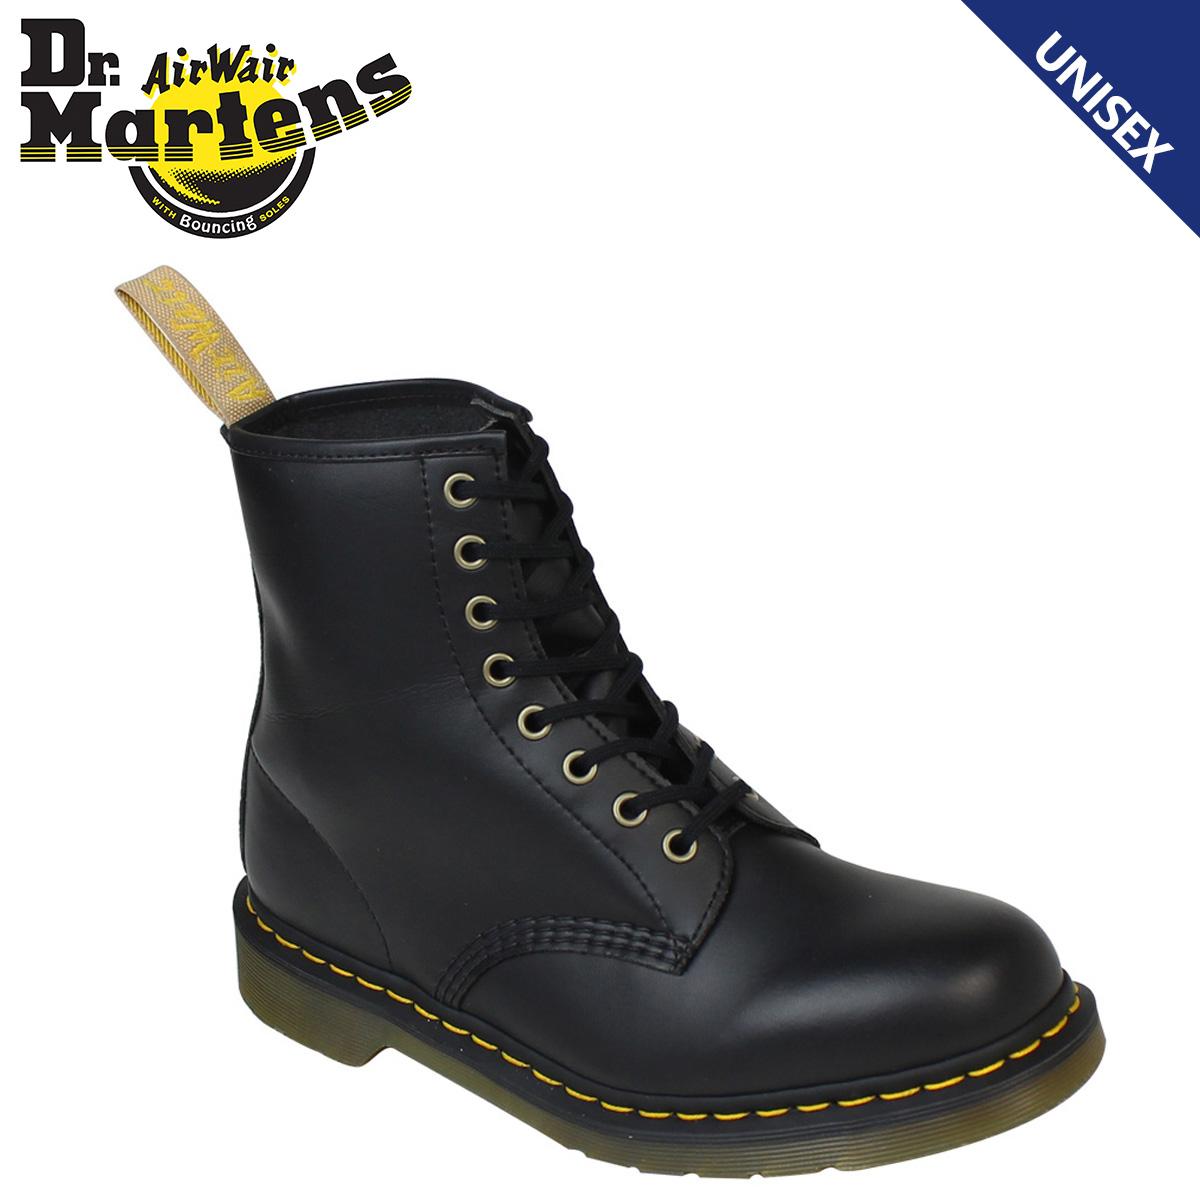 Dr.Martens ドクターマーチン 1460 8ホール ブーツ 8 EYE VEGAN BOOTS R14045001 メンズ レディース